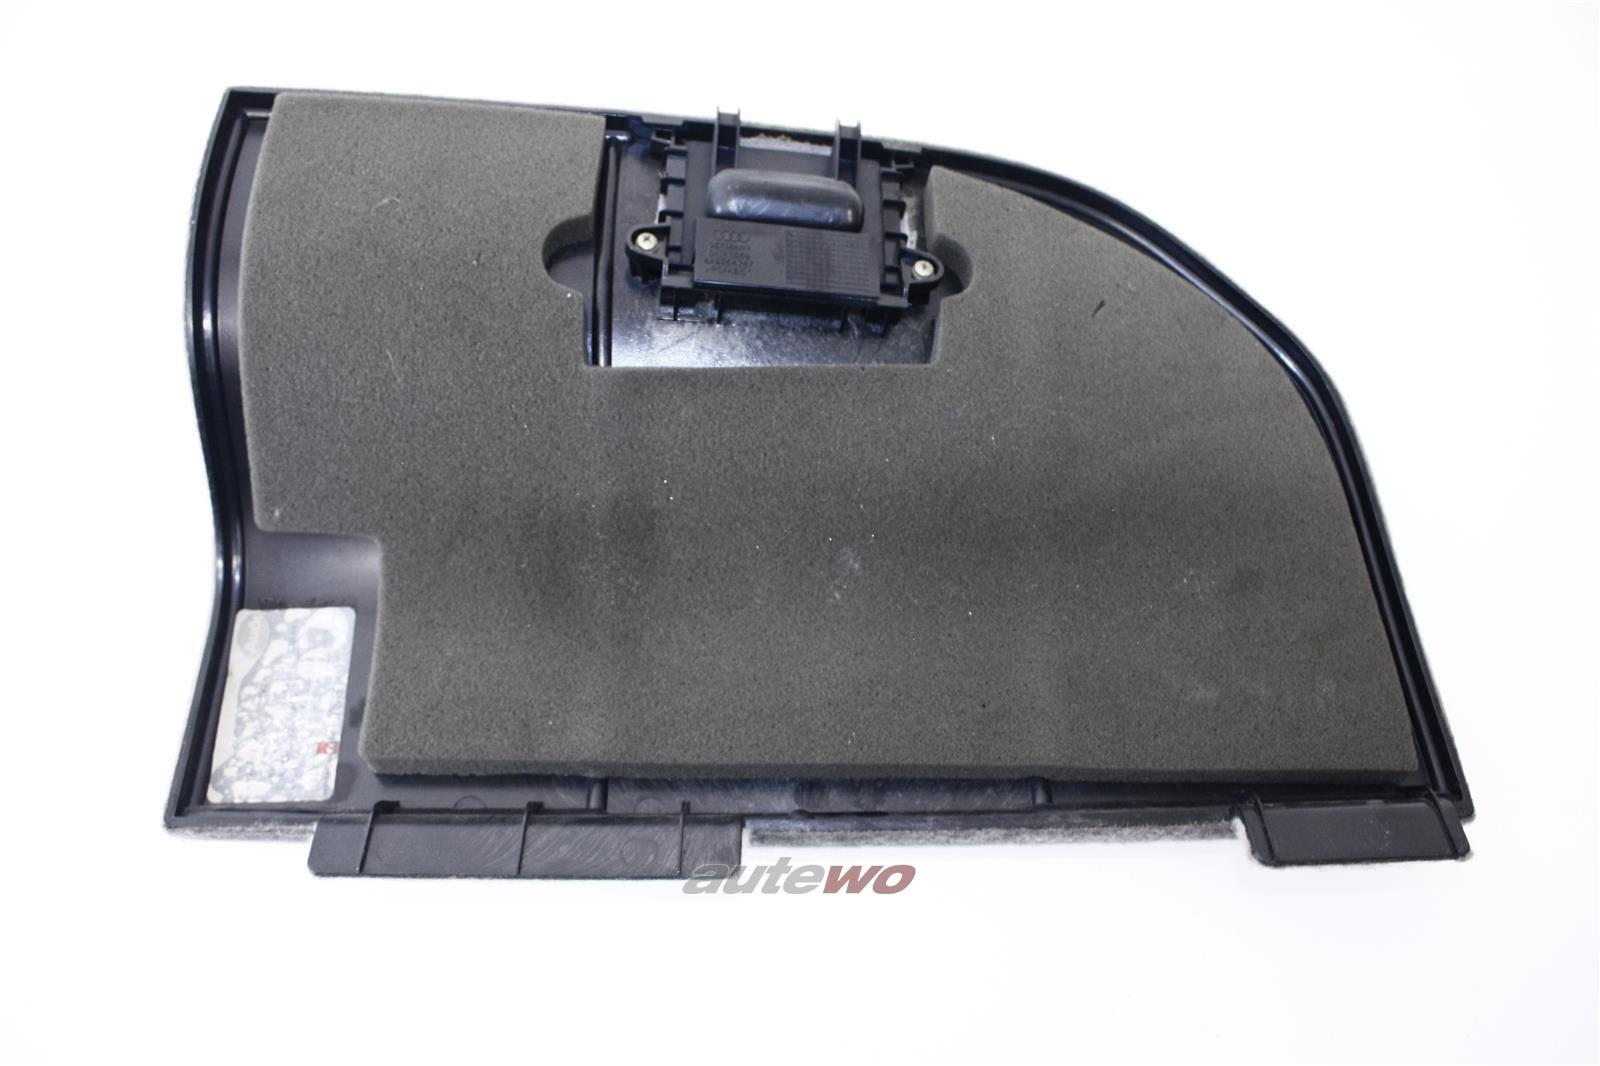 Audi 100/S4/A6/S6 C4 Avant Deckel Kofferraumverkleidung Links platin 4A9863715